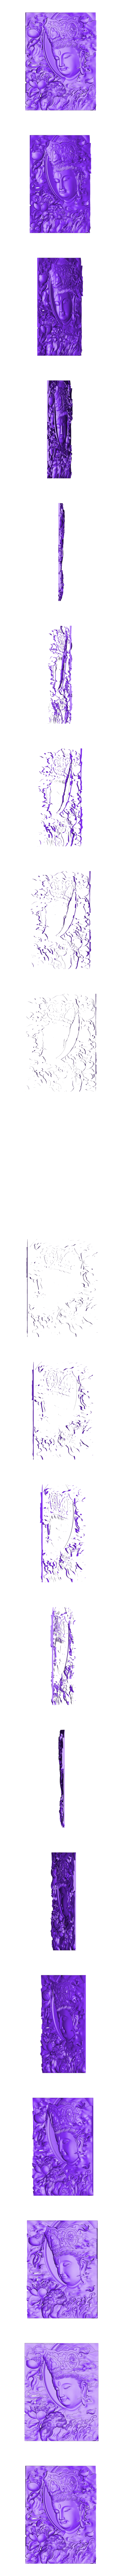 wenshuBodhisattva.obj Télécharger fichier OBJ gratuit Manjushri bodhisattva et lion 3d modèle de bas-relief • Plan à imprimer en 3D, stlfilesfree